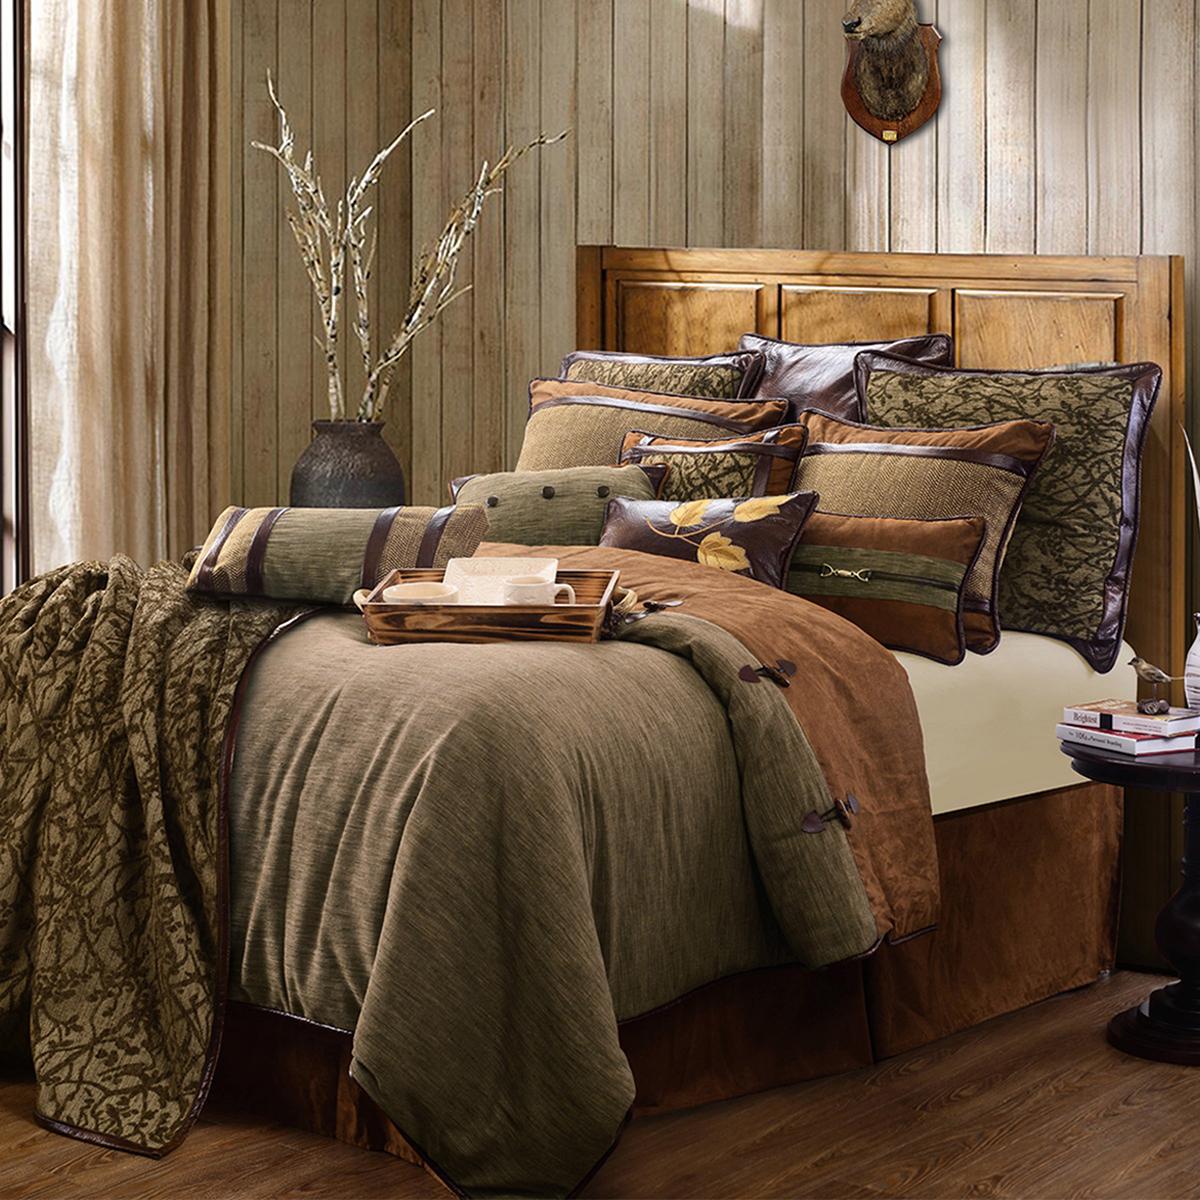 Rustic Earthtone Bedding